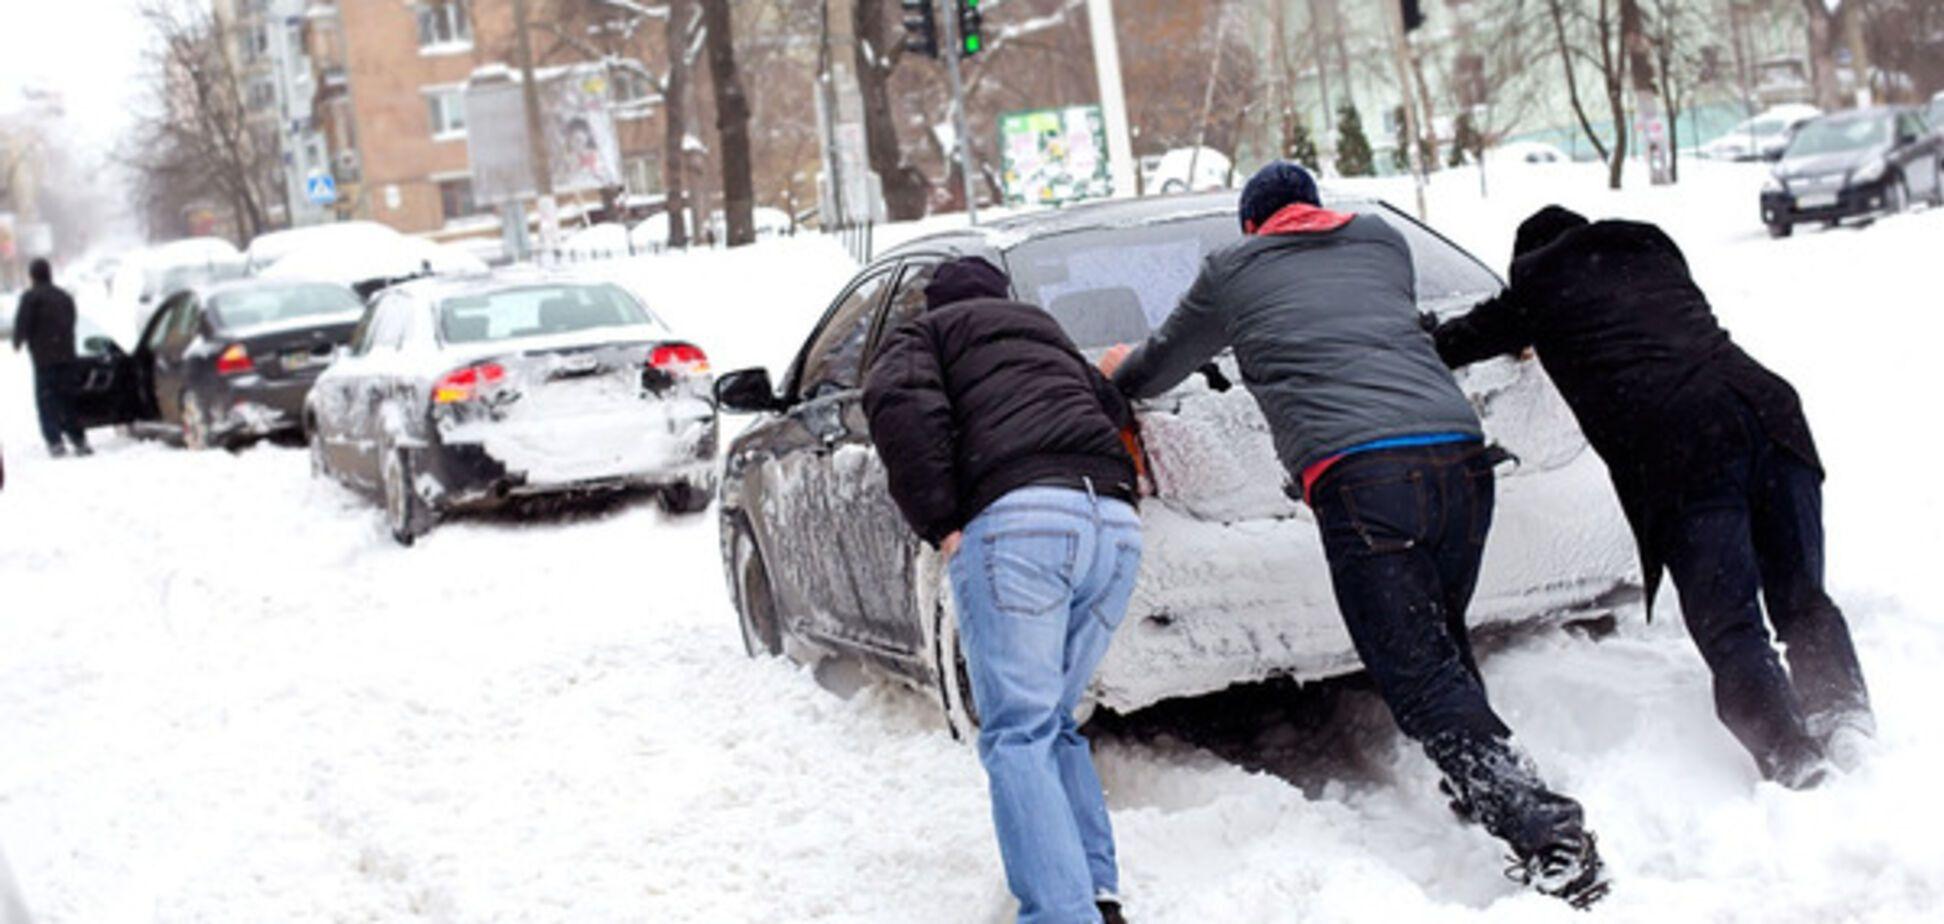 Запорожская область лидирует по уровню аварийности